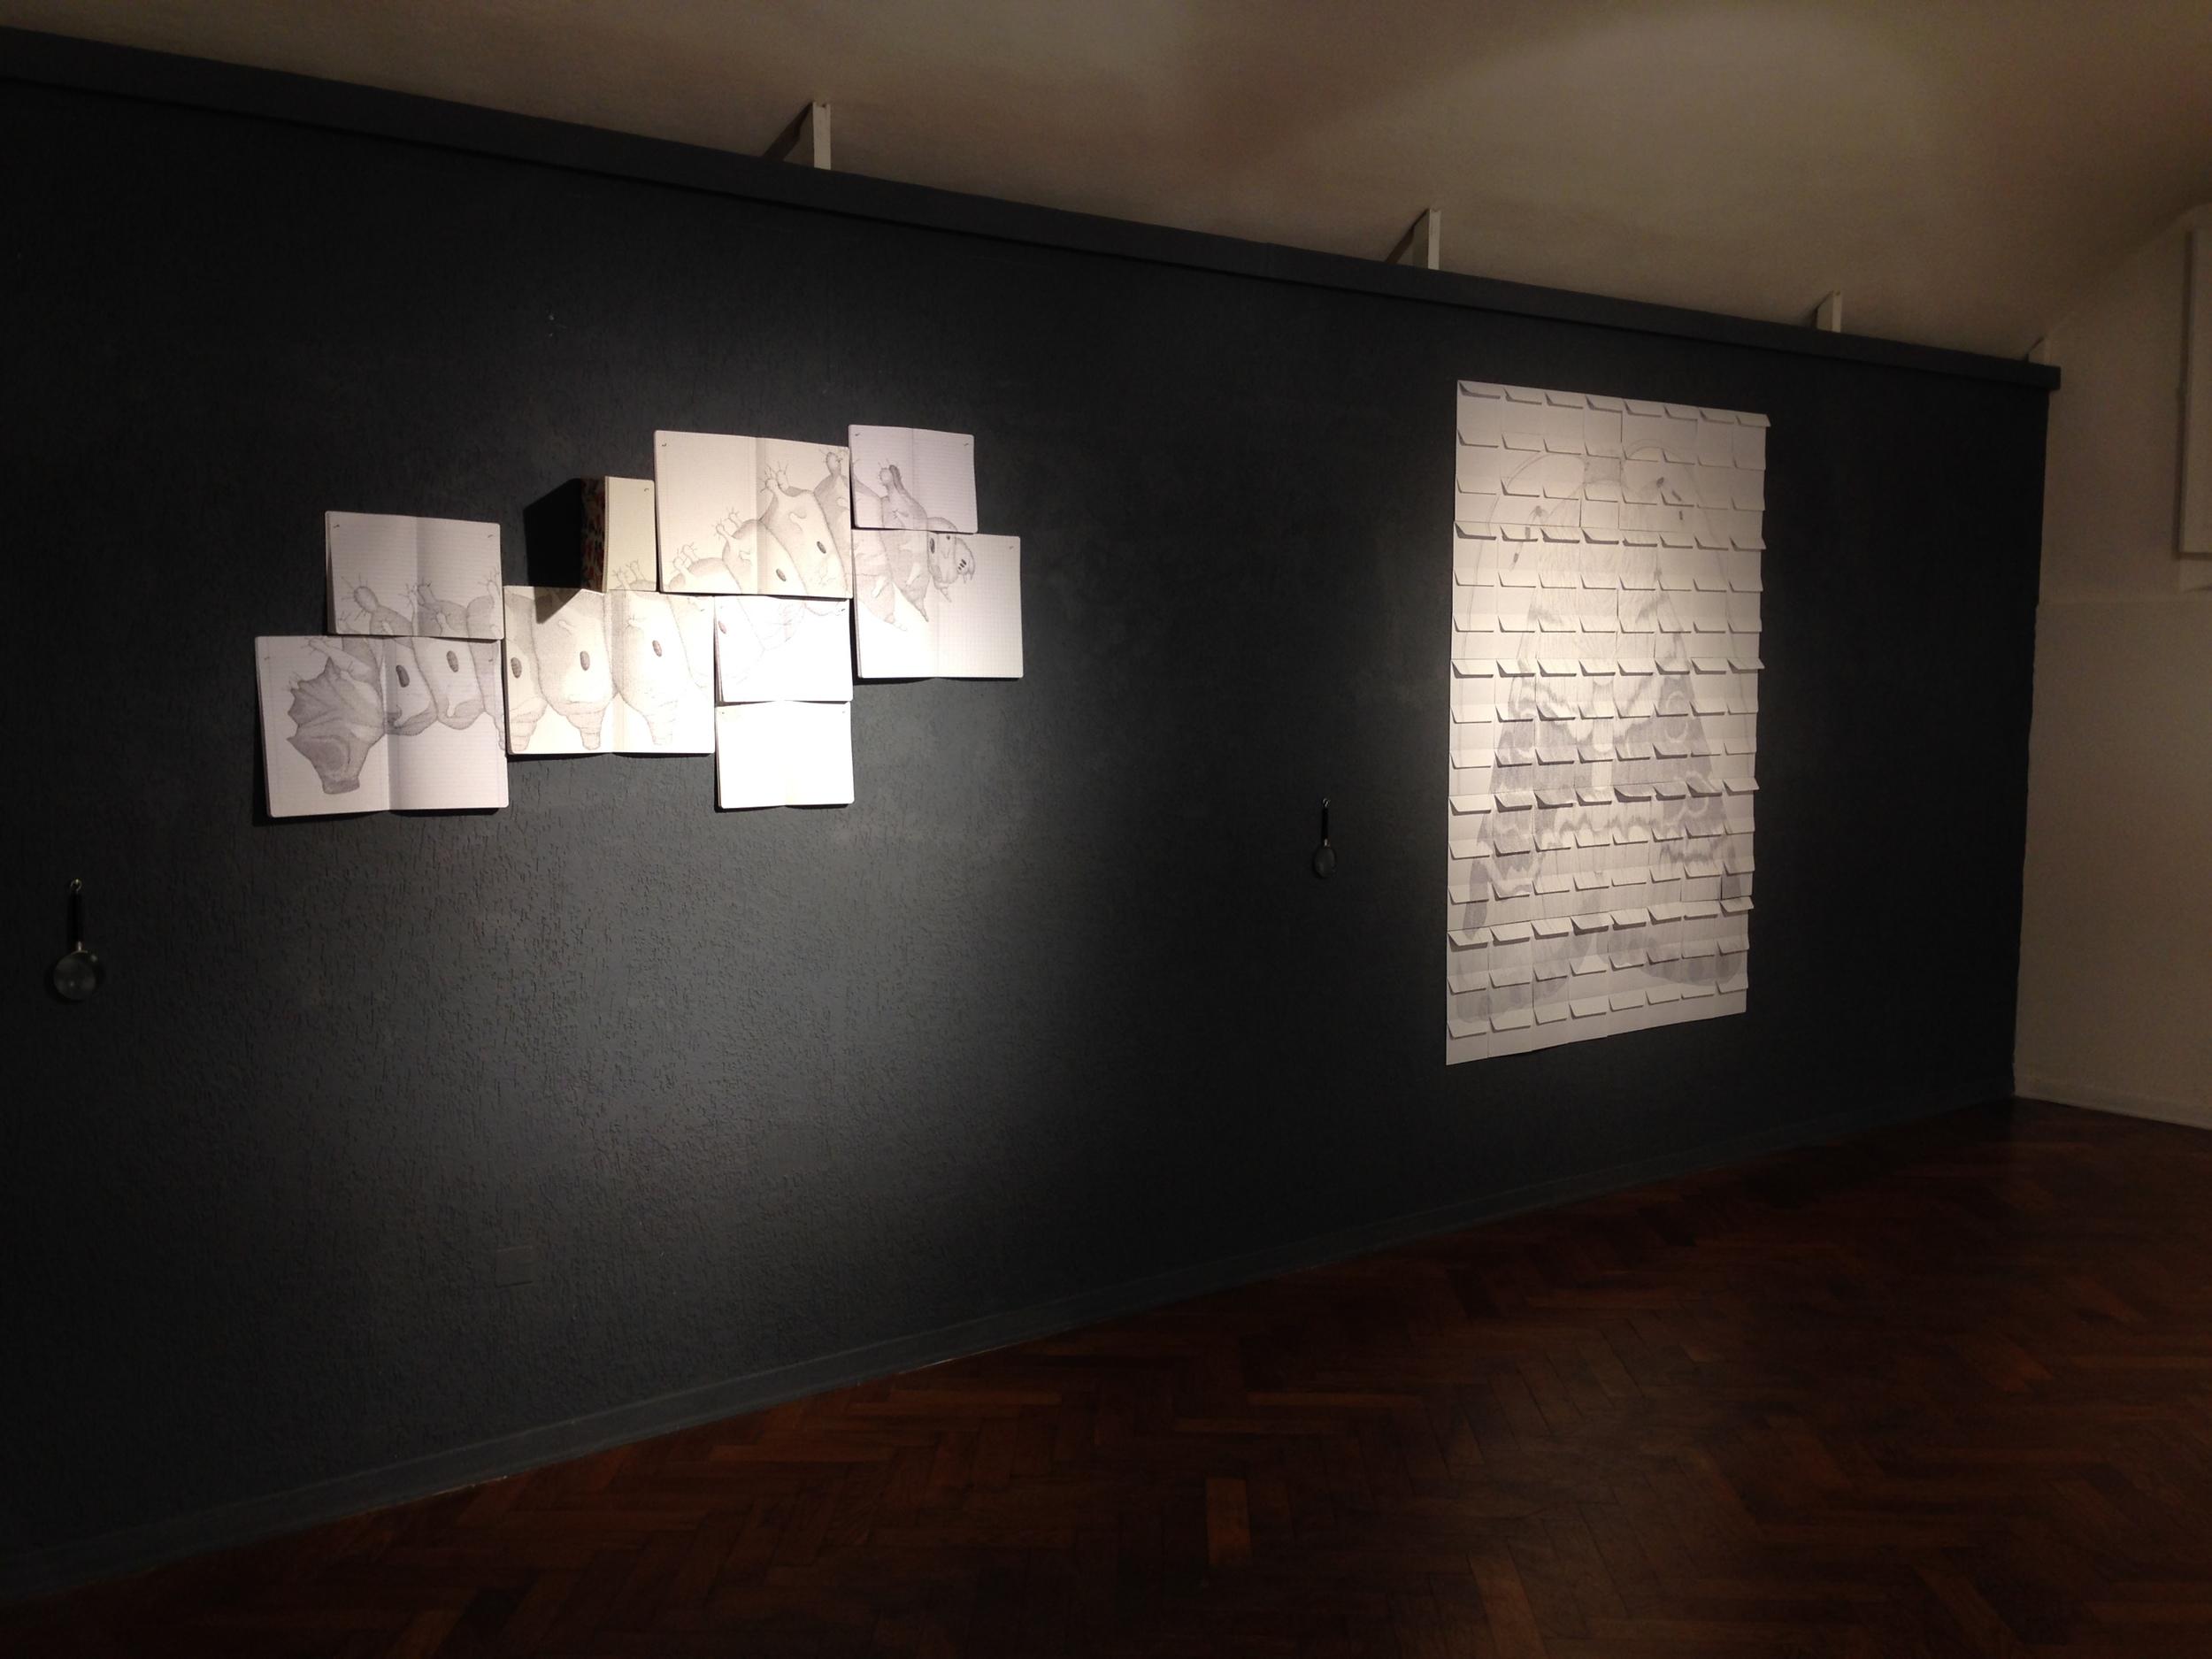 Esercizi di scrittura - Maio A. (11).JPG